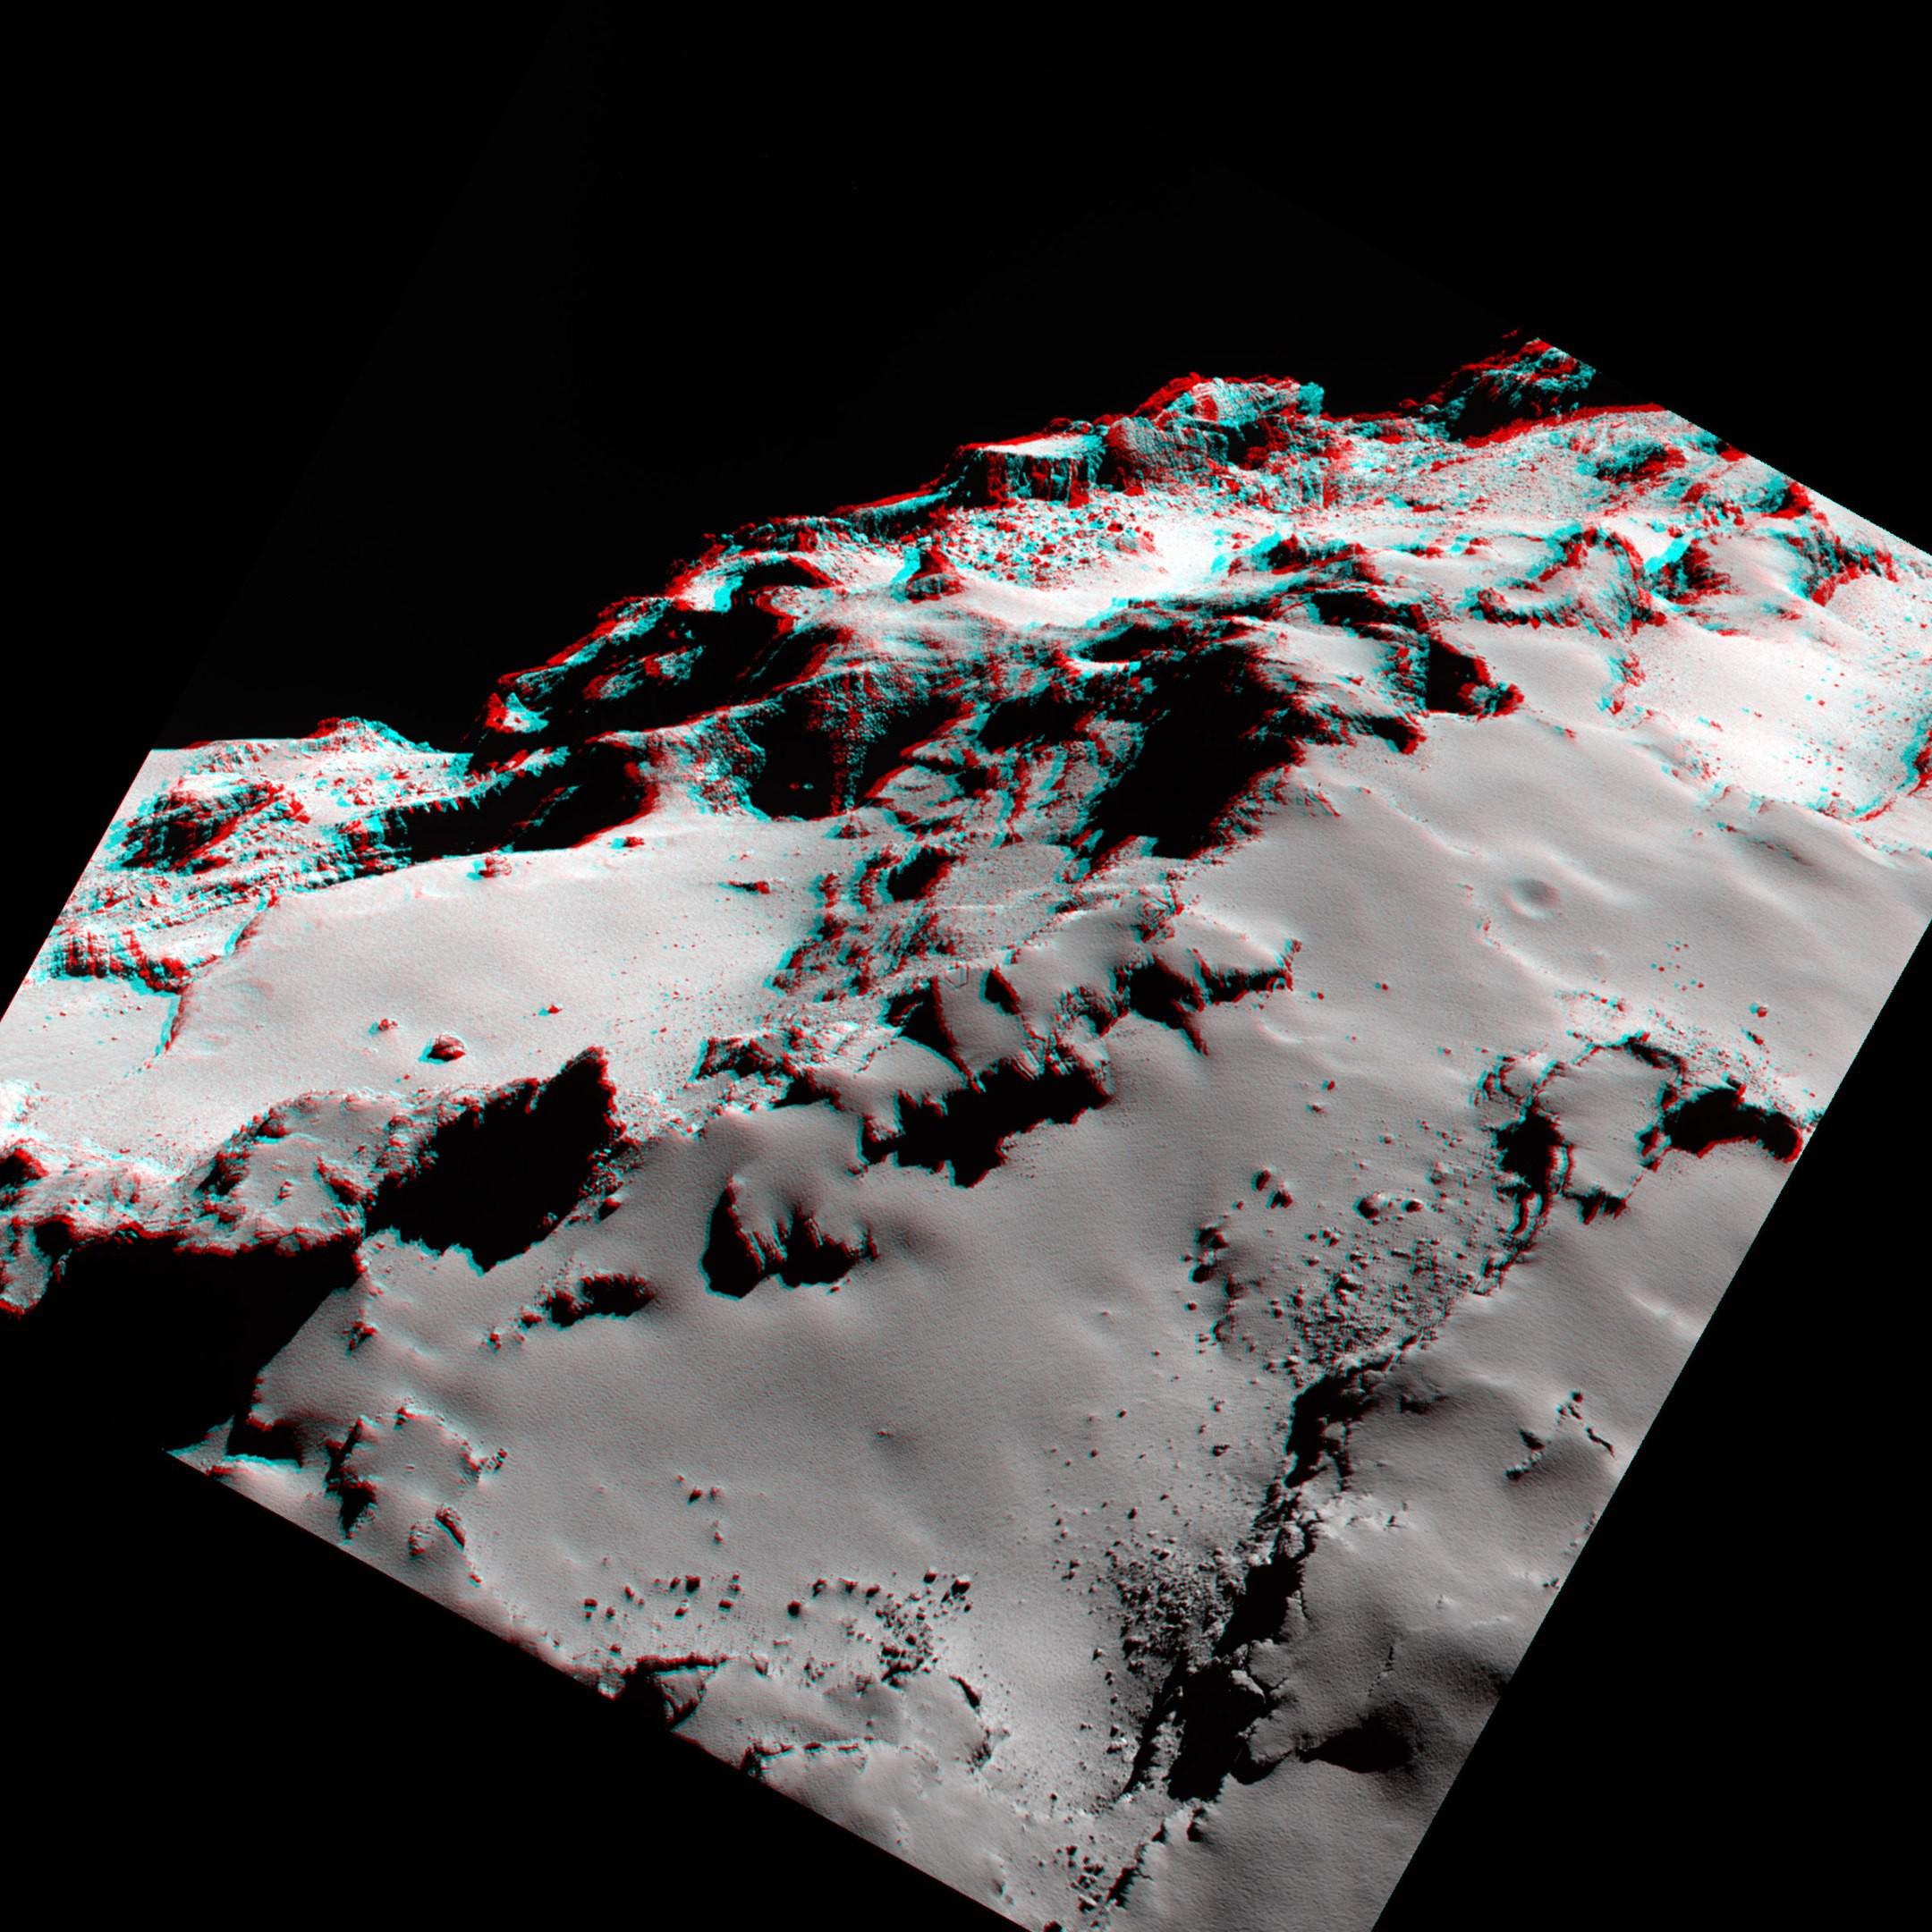 Цветное фото кометы герасименко